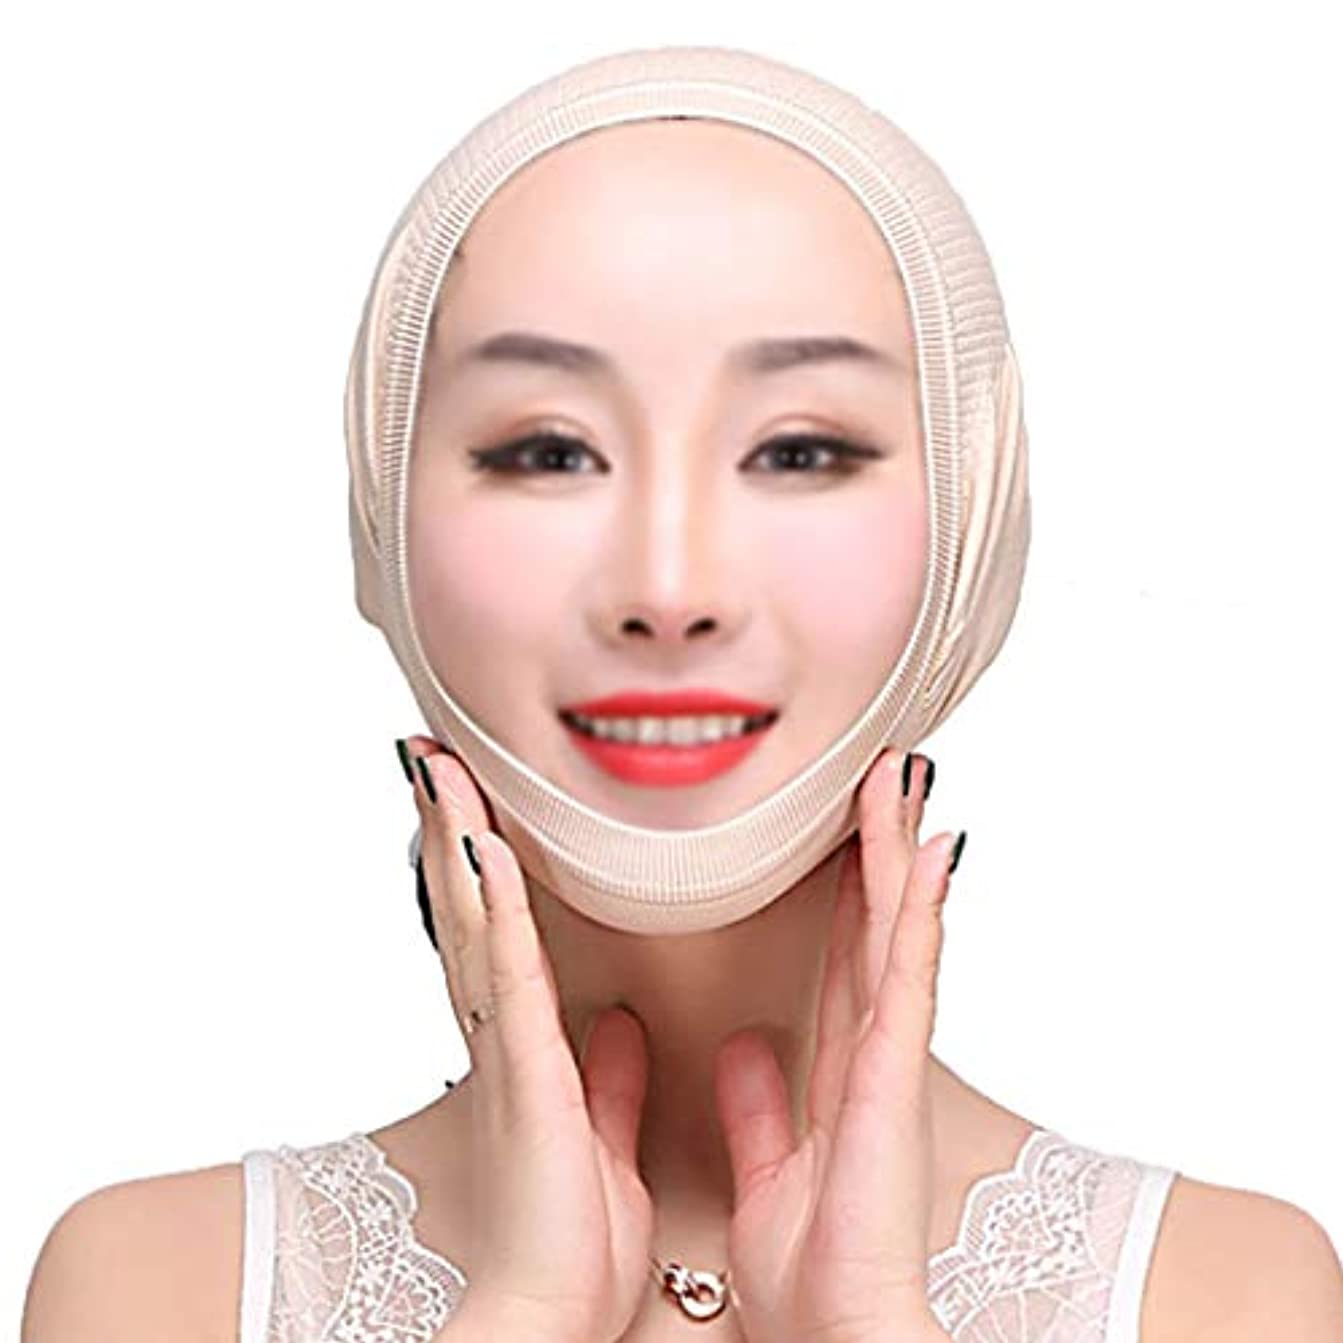 変動する有名な突然のGLJJQMY 減量ベルトマスクフェイスリフティングフェイスリフティング包帯ダブルチンスモールVフェイススリーピングマスクリフティング引き締め通気性フェイシャルマッサージ3フェイス包帯 顔用整形マスク